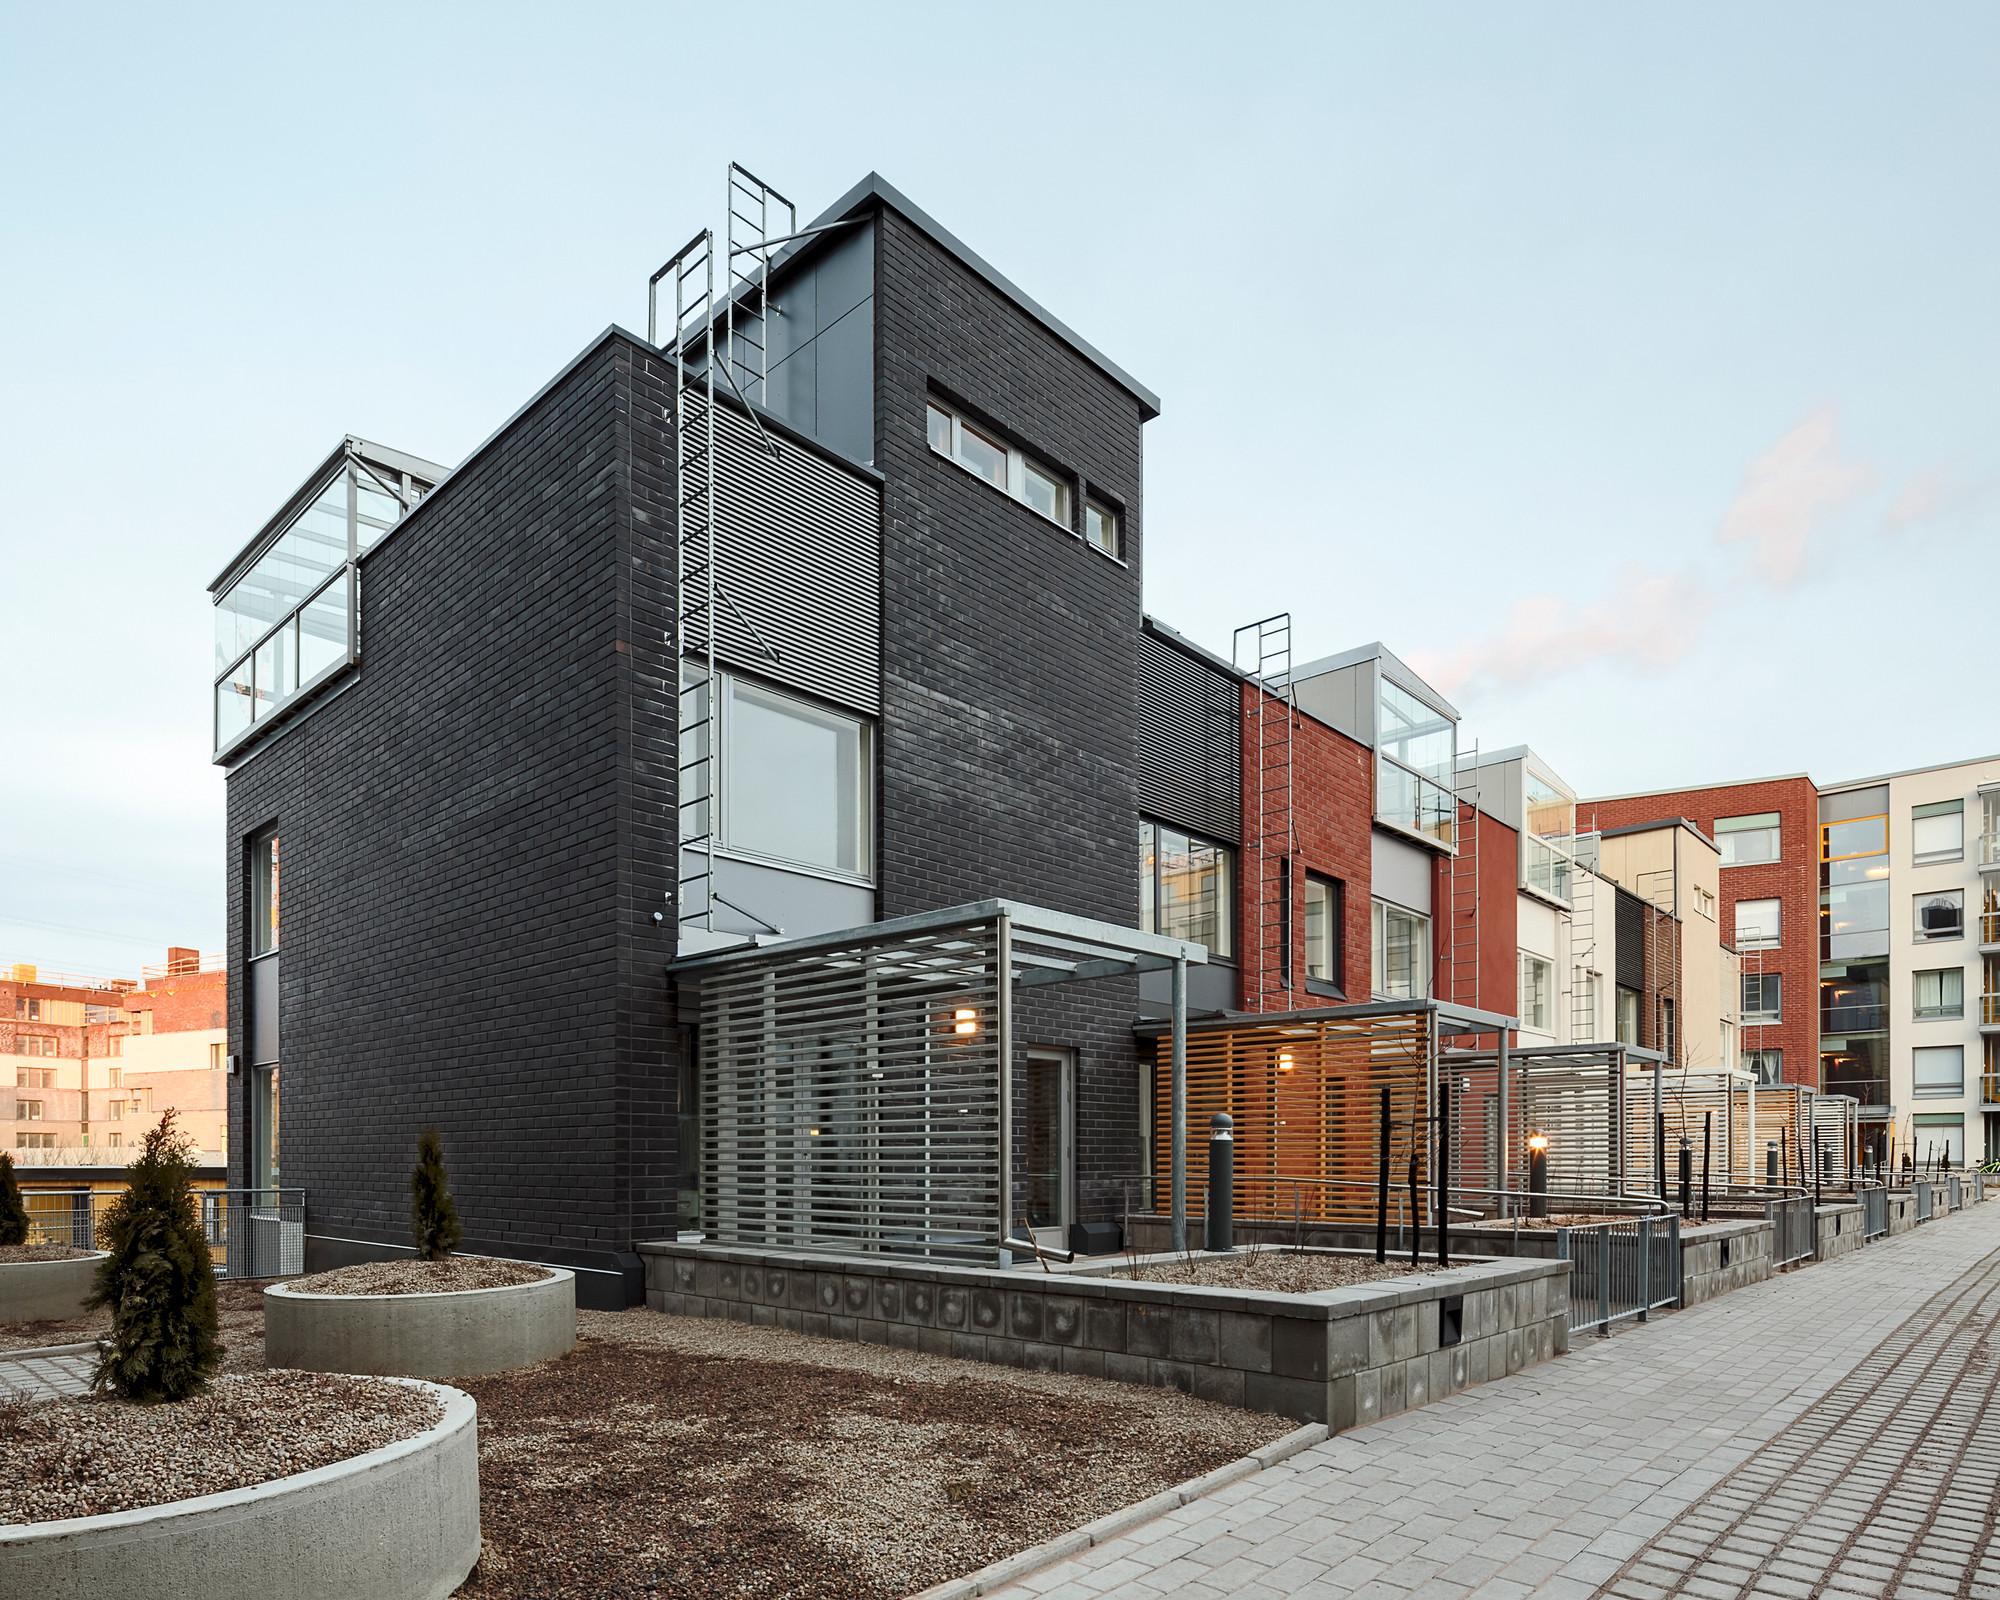 Casas Adosadas Kalasataman Huvilat / PORTAALI architects Ltd + ArkOpen Ltd, © Photos Tuomas Uusheimo